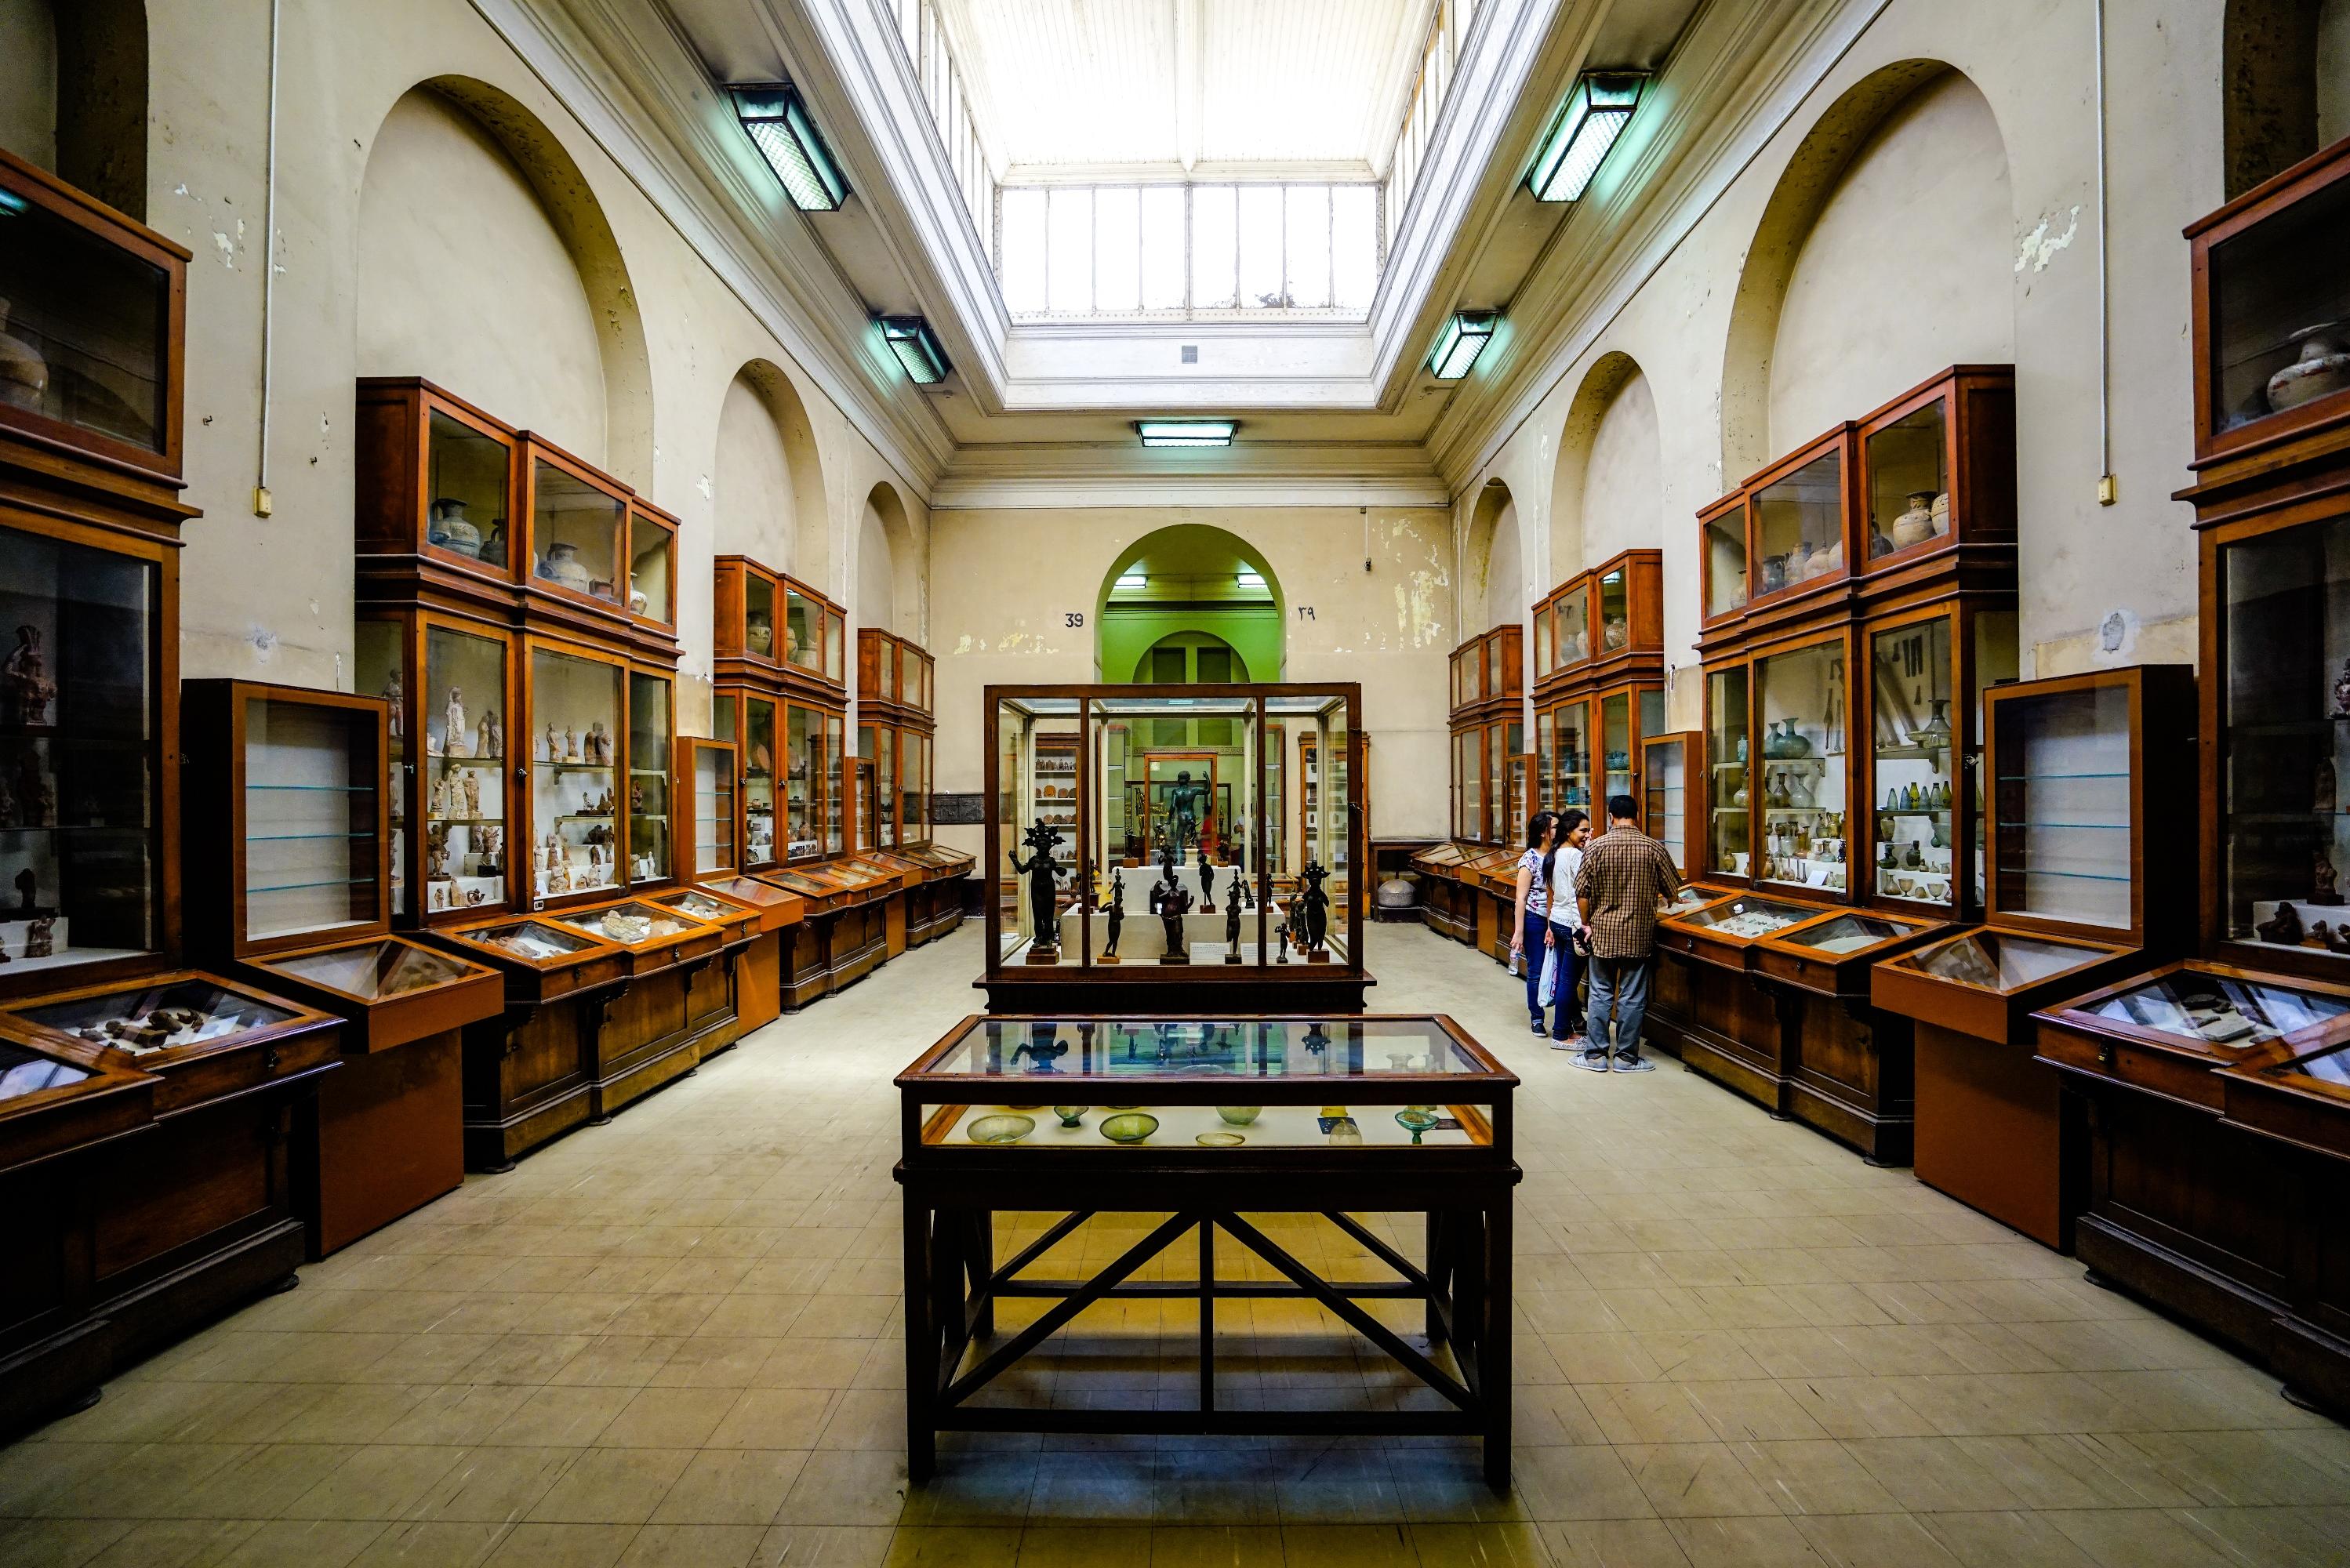 開羅 埃及博物館半日遊(中文導遊/酒店接送)